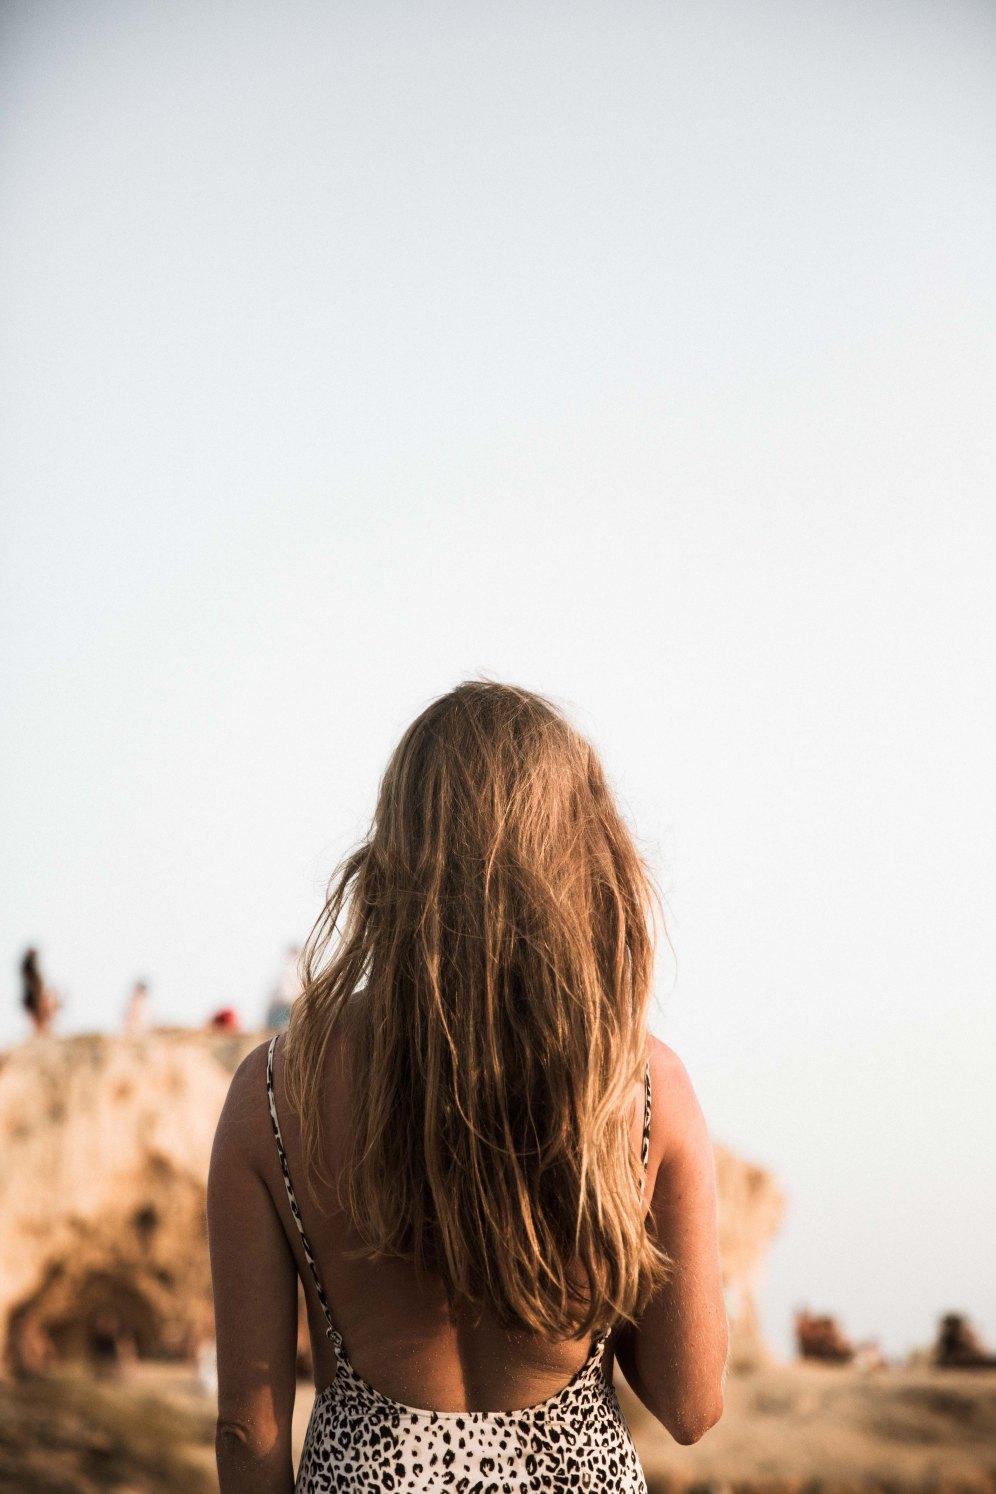 Ibiza (1 of 2)